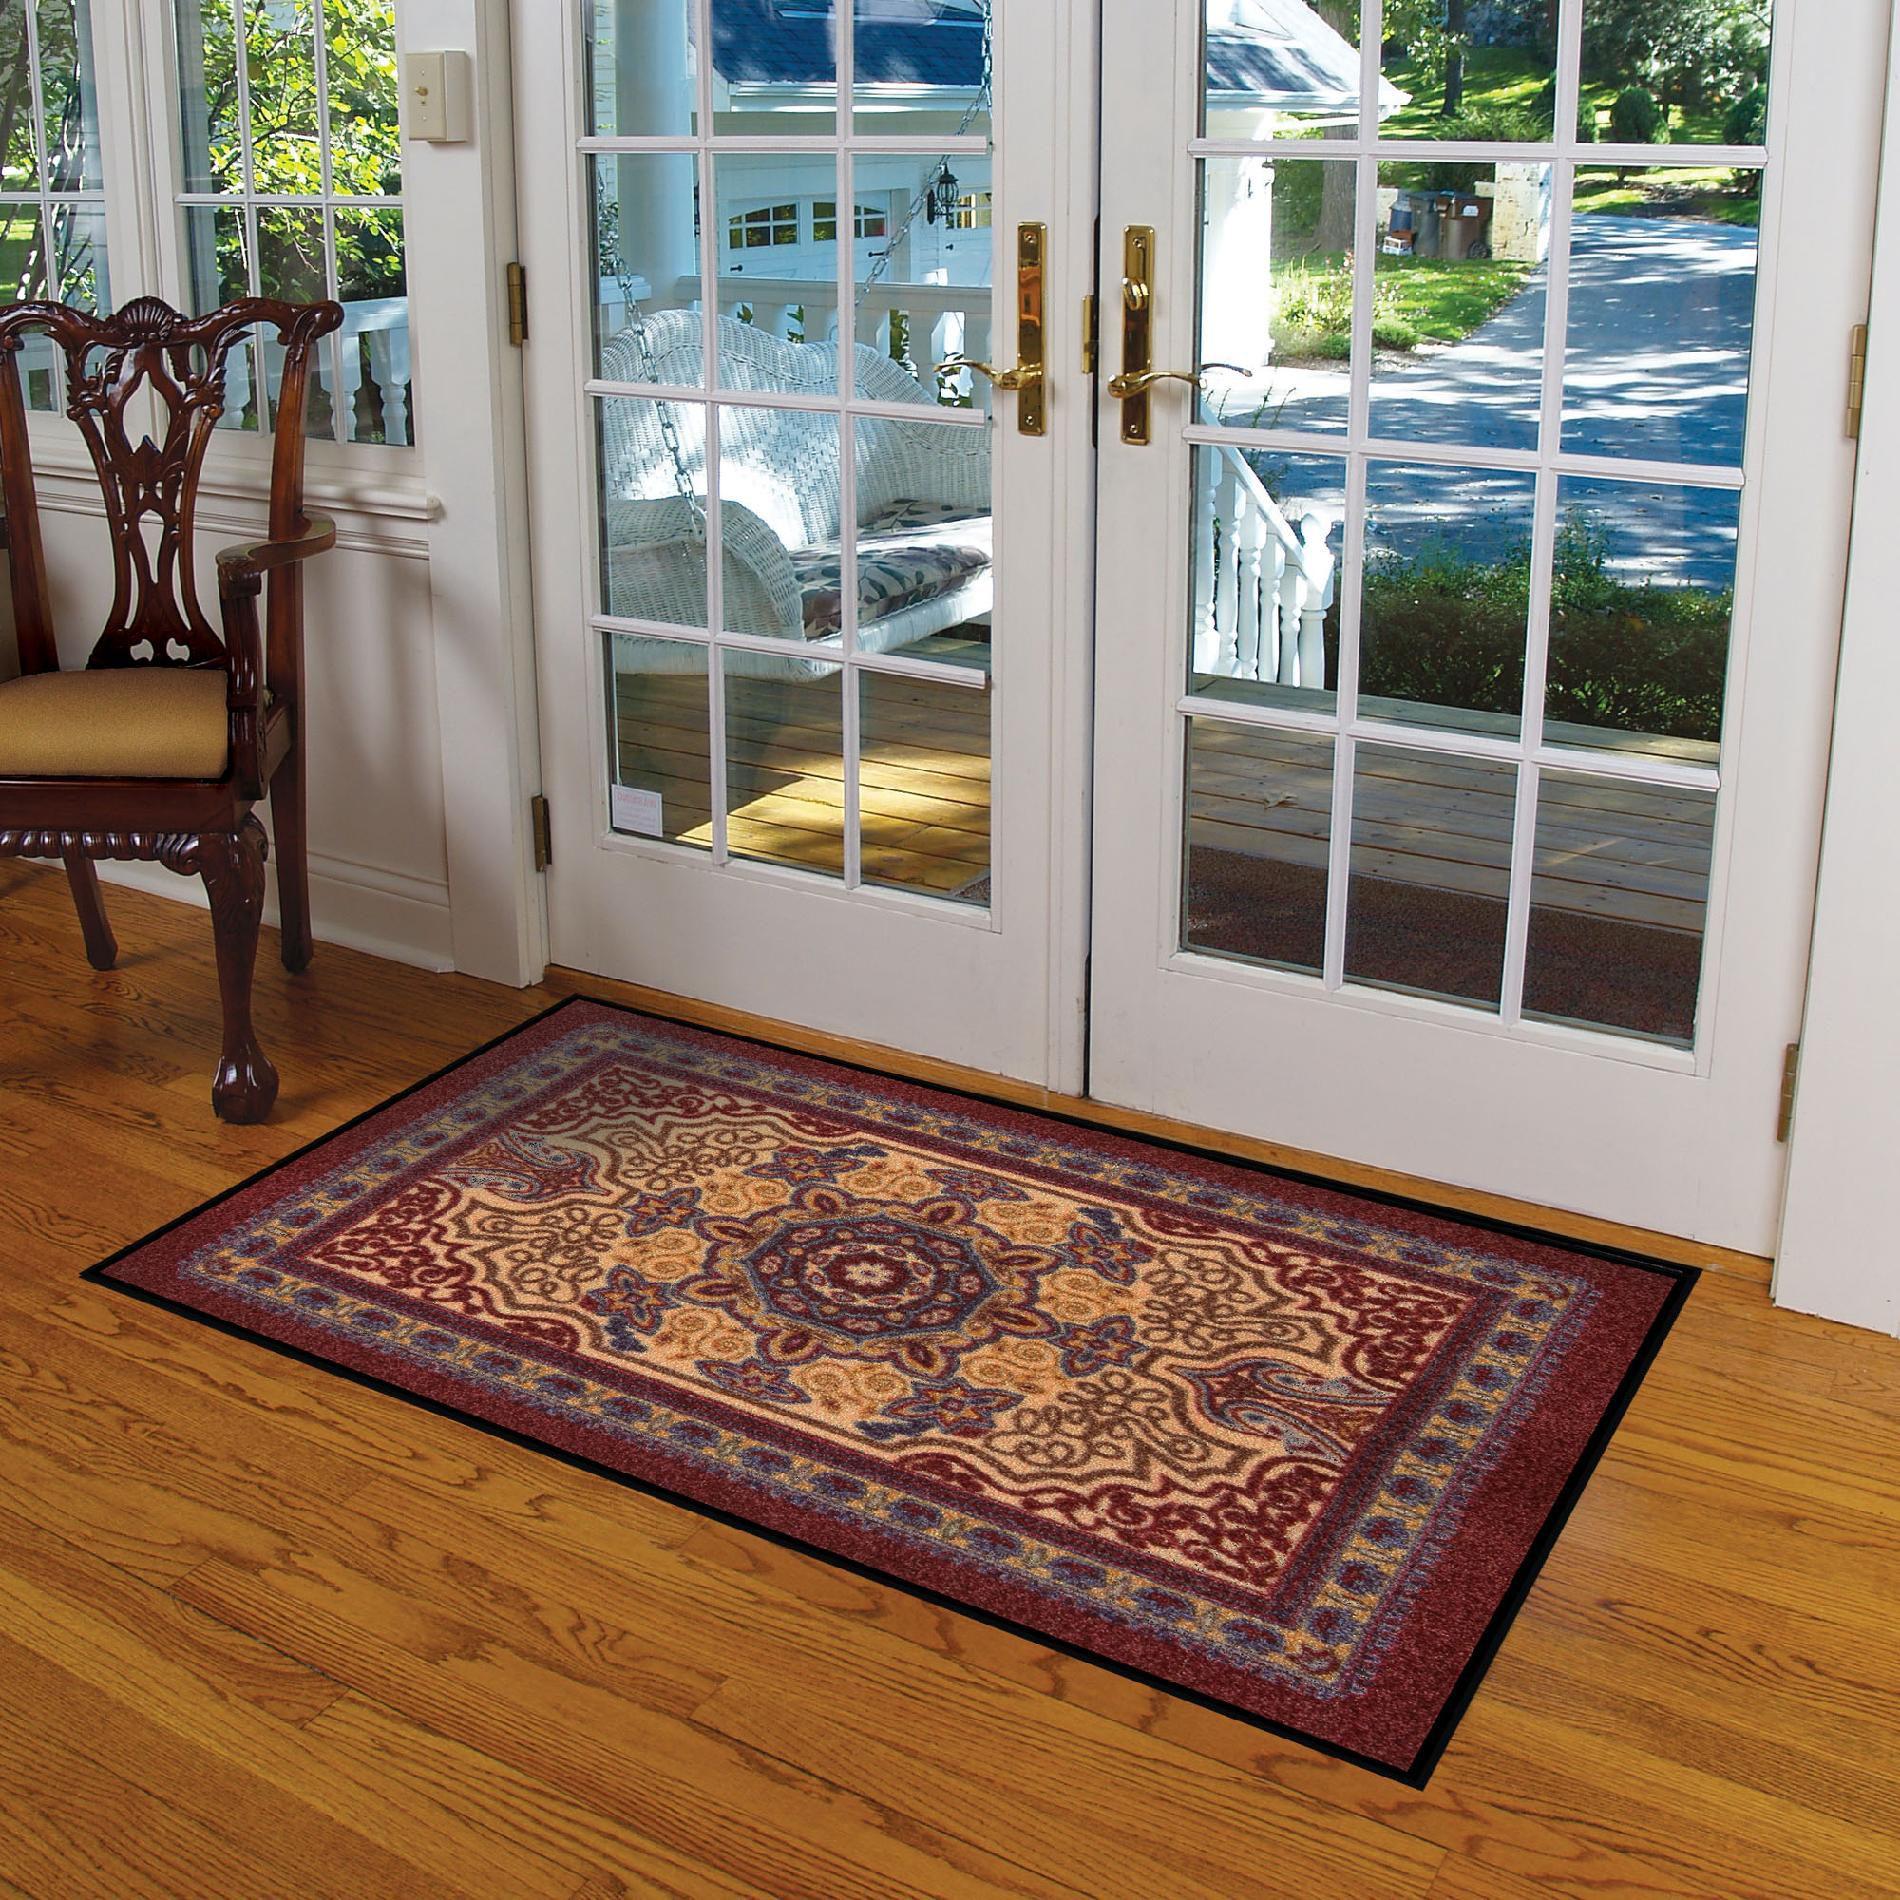 NoTrax Orientrax Door Mat - Burgundy Red 5' x 8' PartNumber: 03741828000P KsnValue: 4387405 MfgPartNumber: 170S0058BD